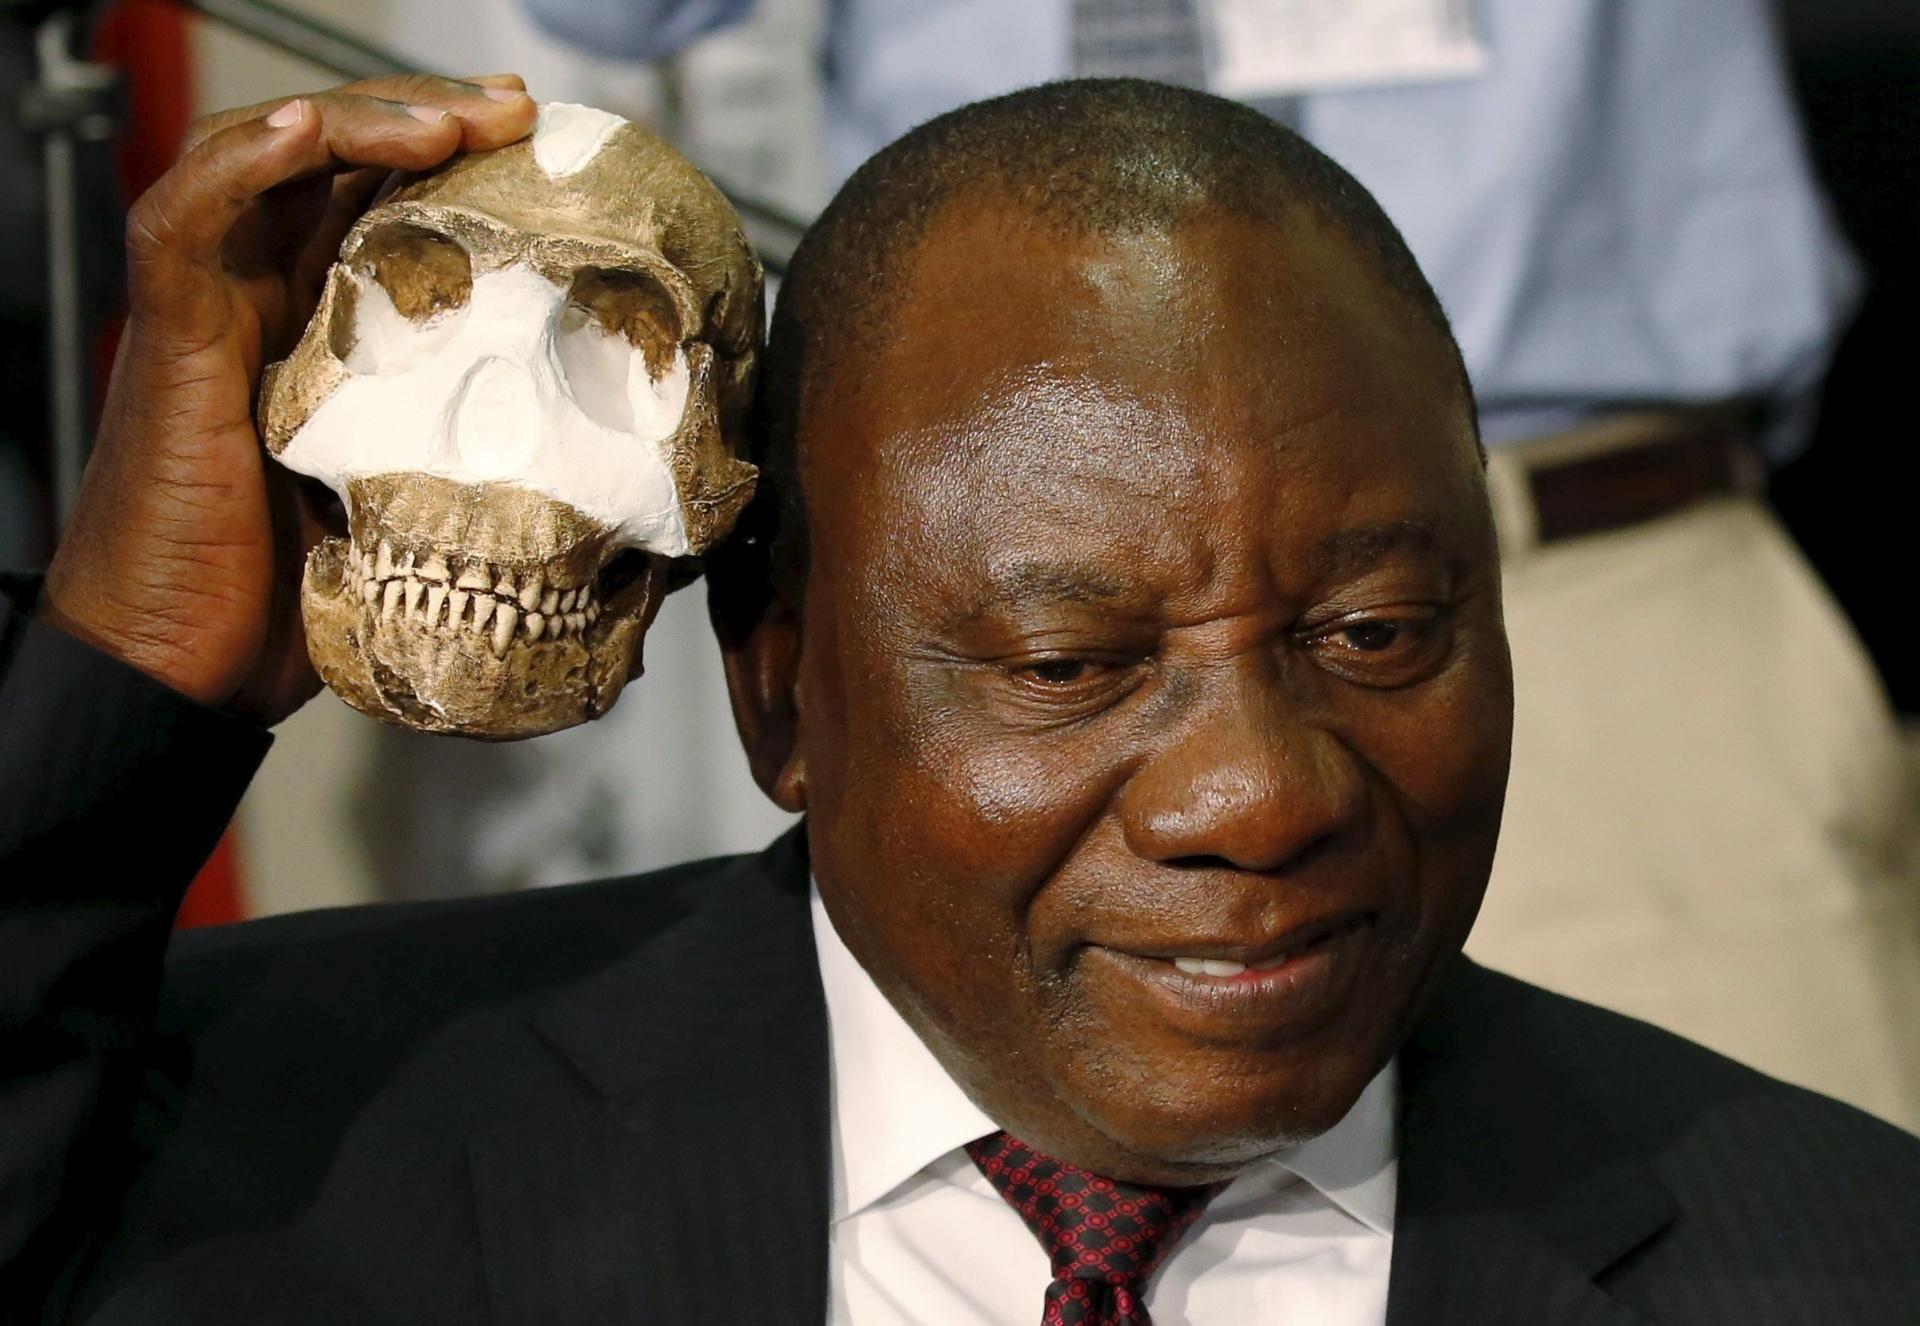 Genoma humano africano de 4.500 anos é sequenciado